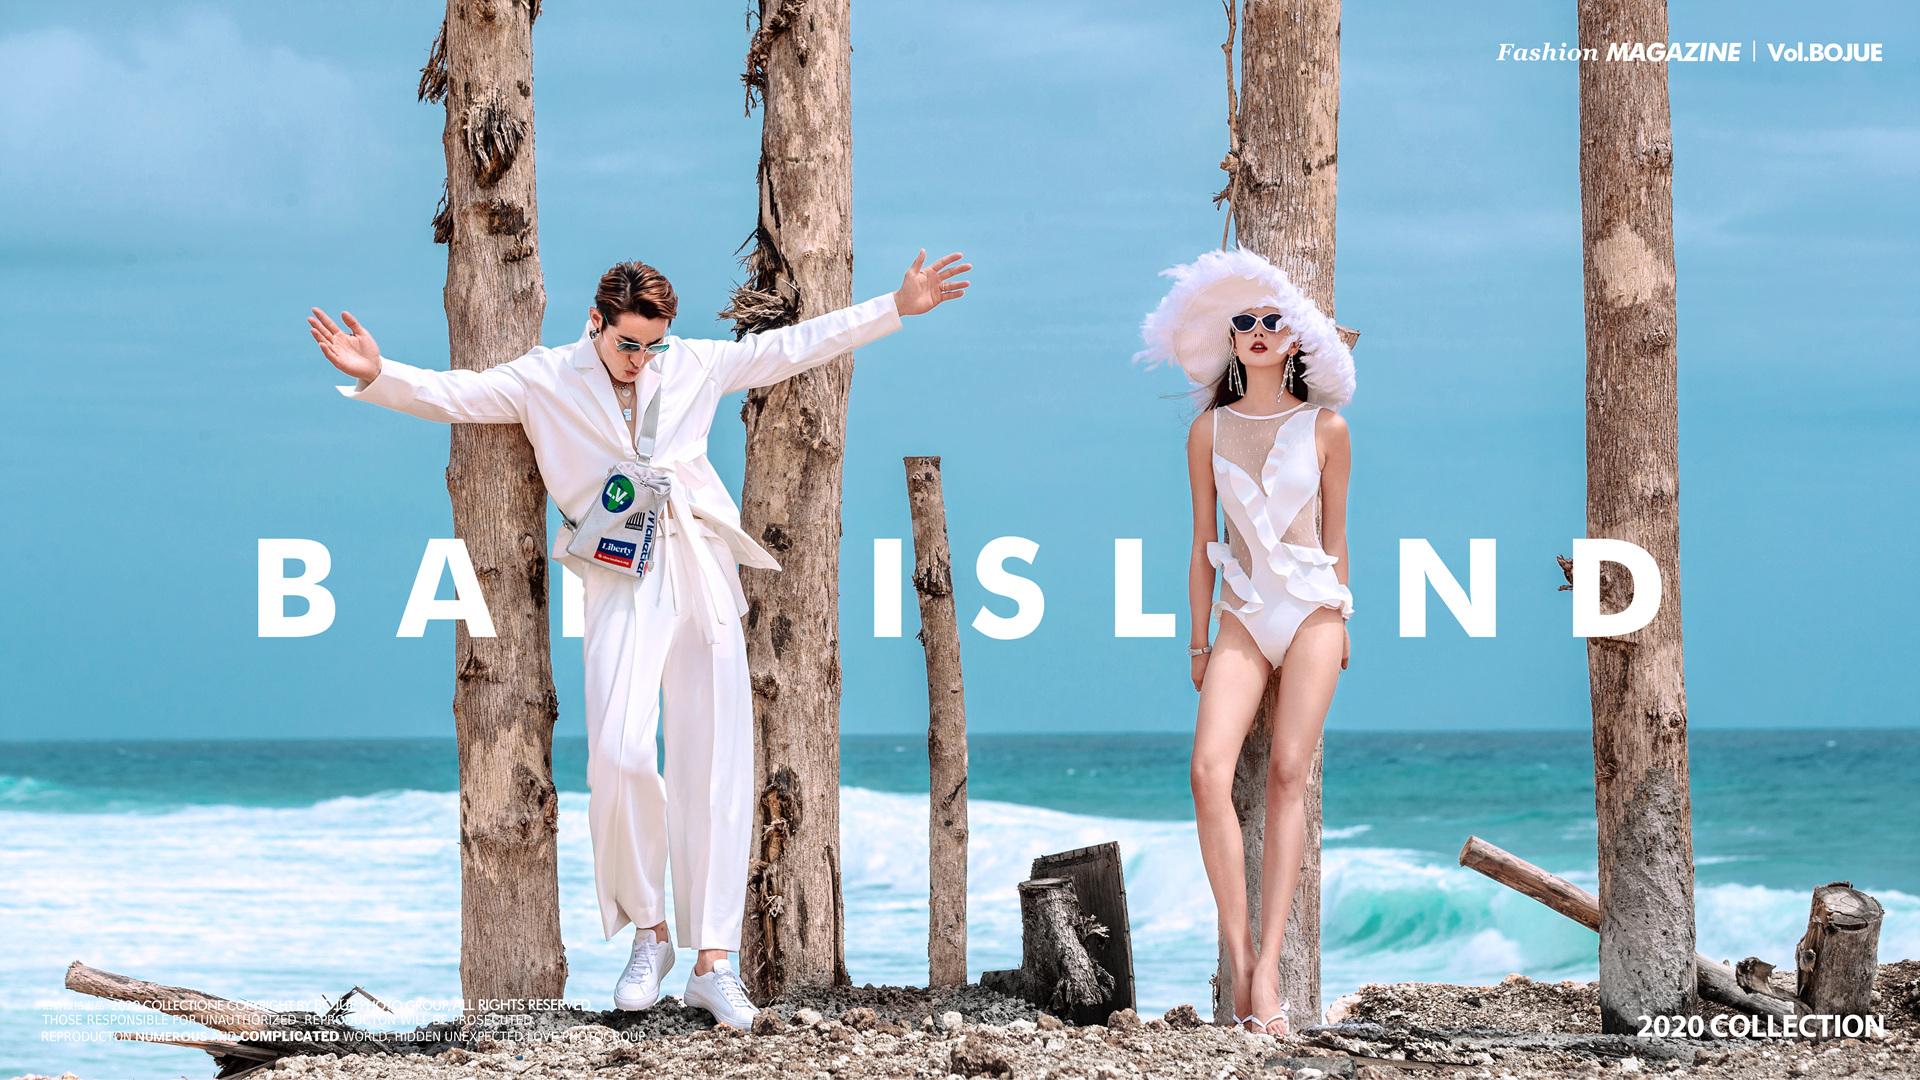 厦门有没有比较高端的婚纱摄影机构?铂爵旅拍不得不了解一下!